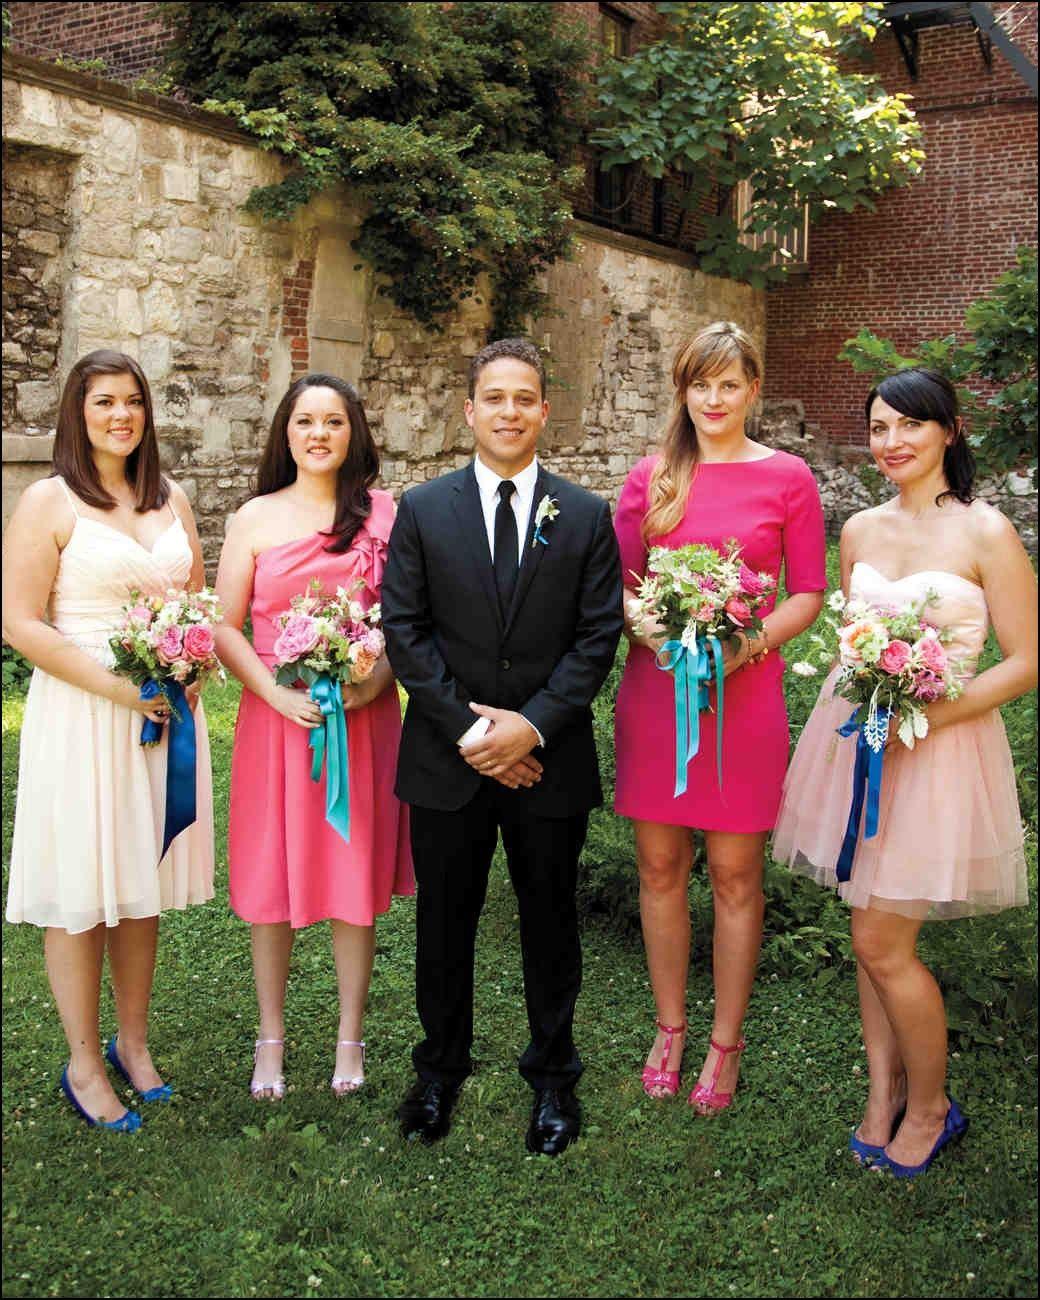 Male Bridesmaid Wear Matching Dress